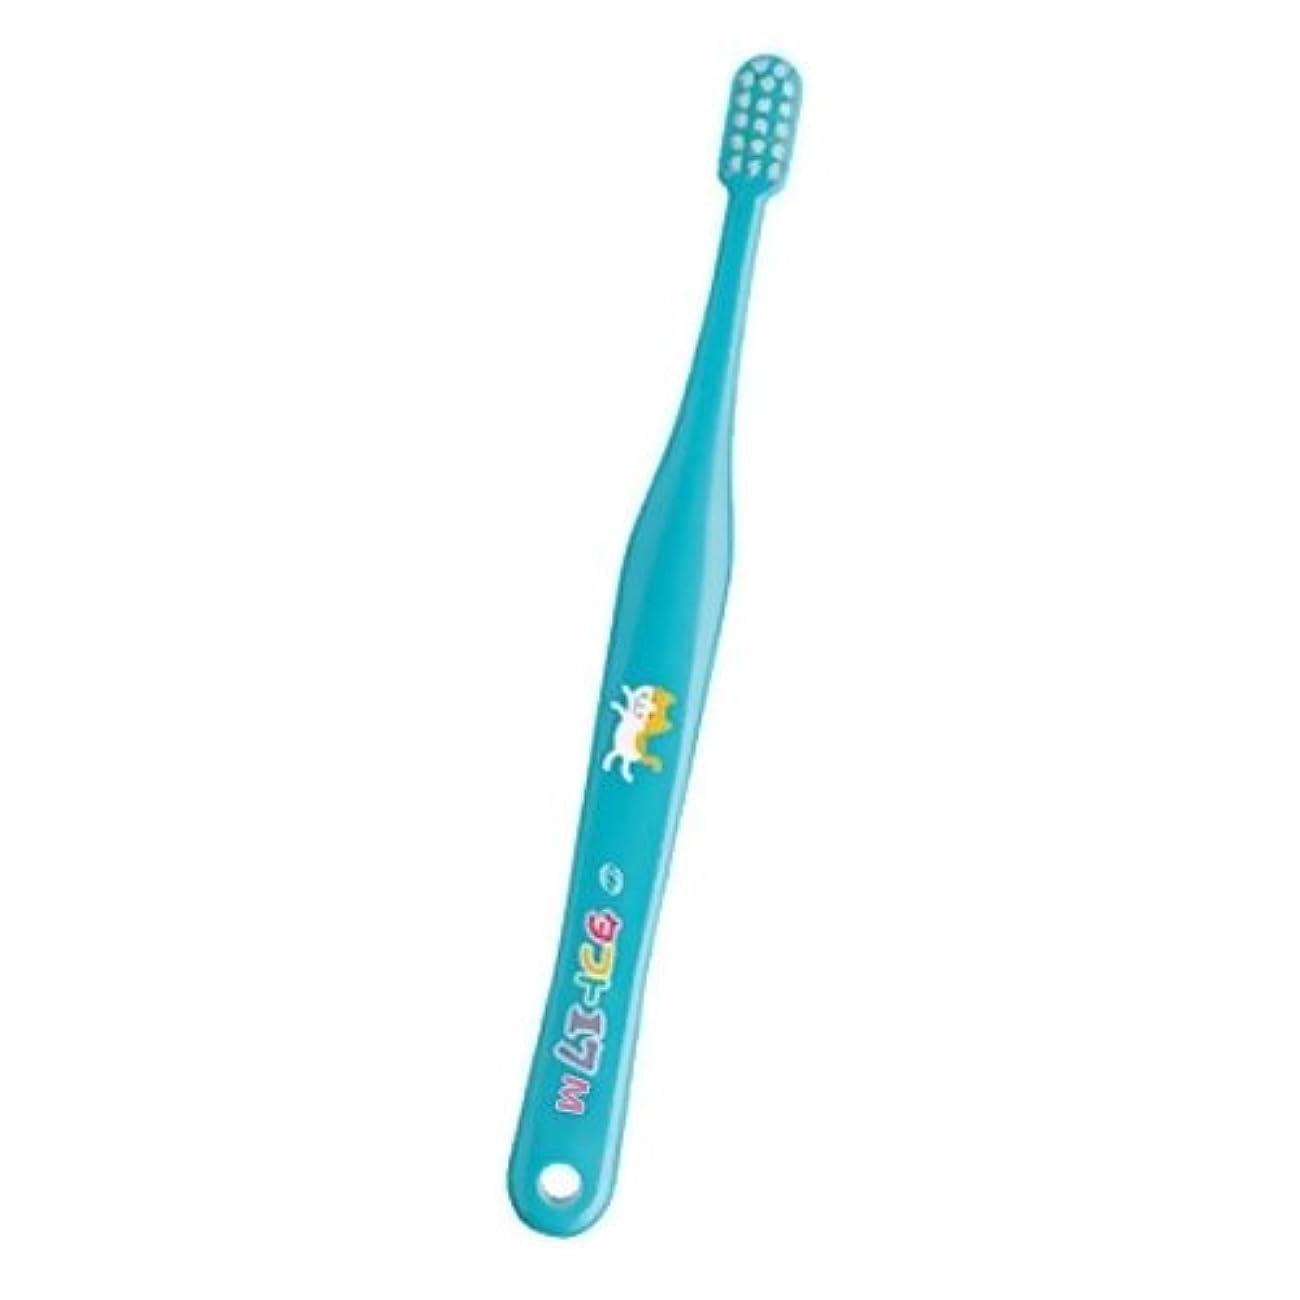 これらコンテストトランクライブラリタフト17歯ブラシ(ミディアム) 1本 (タフト17(M)ブルー)